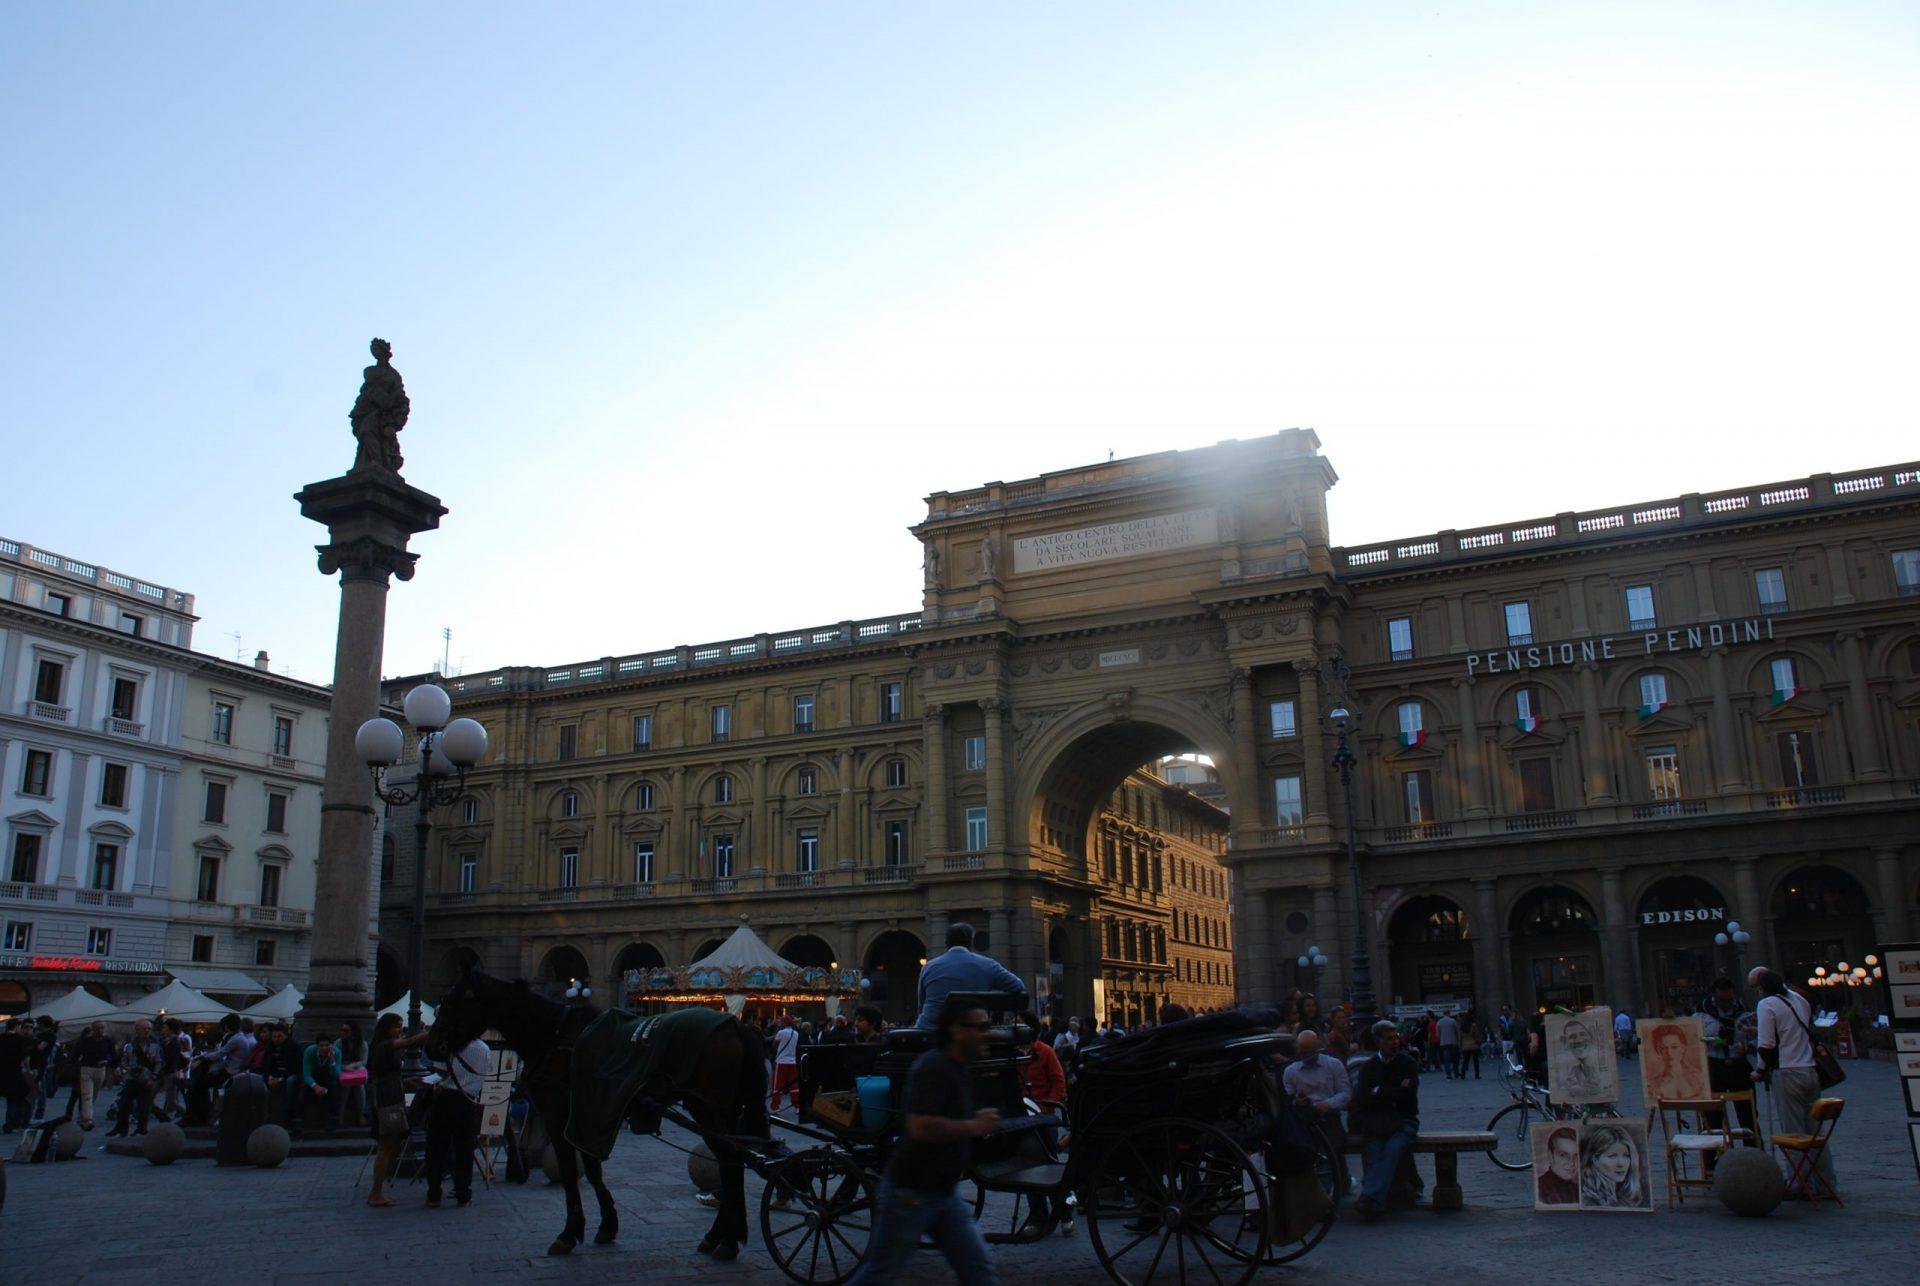 Площадь Республики, Флоренция, Италия. Июль, 2012